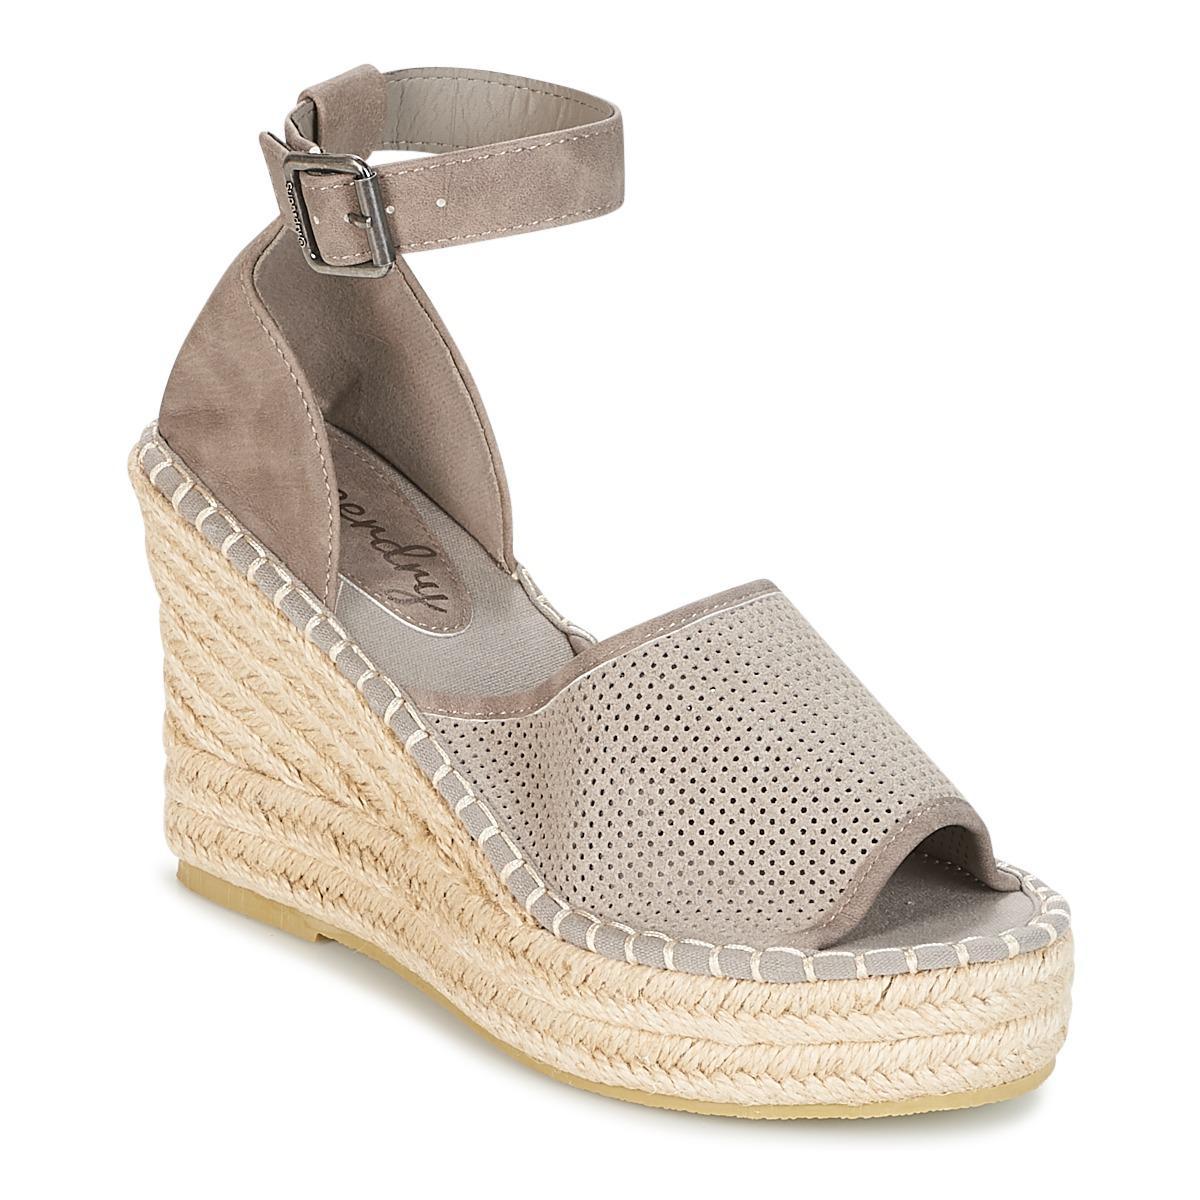 Superdry Anna Wedge Espadrille Sandals